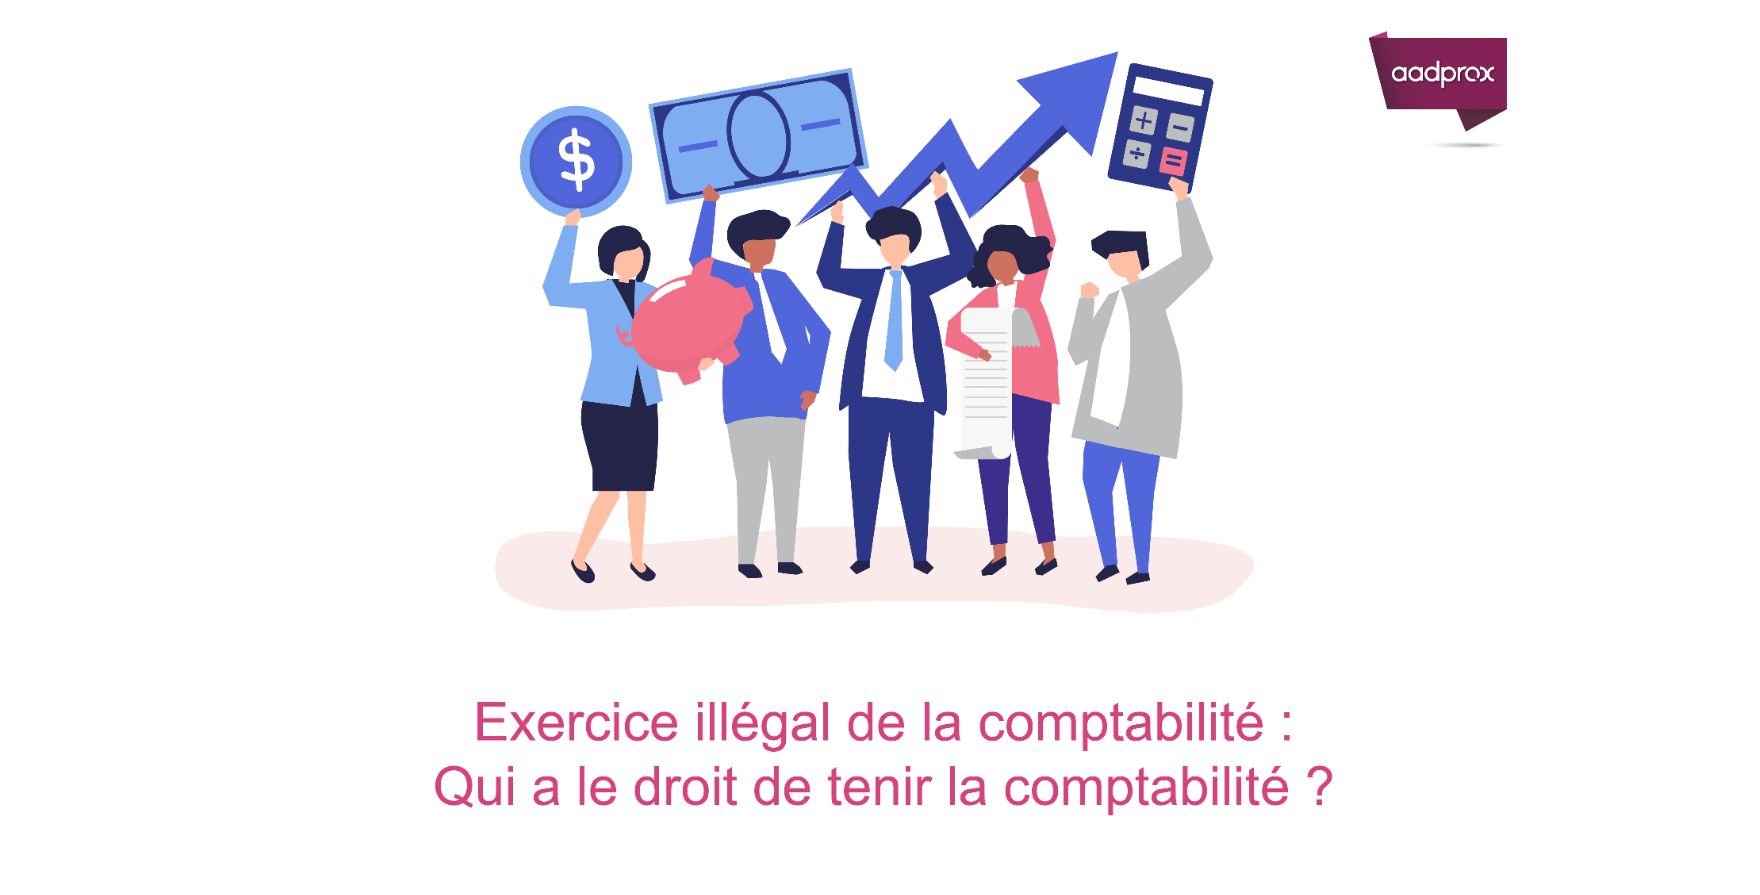 L'exercice illégal de la comptabilité